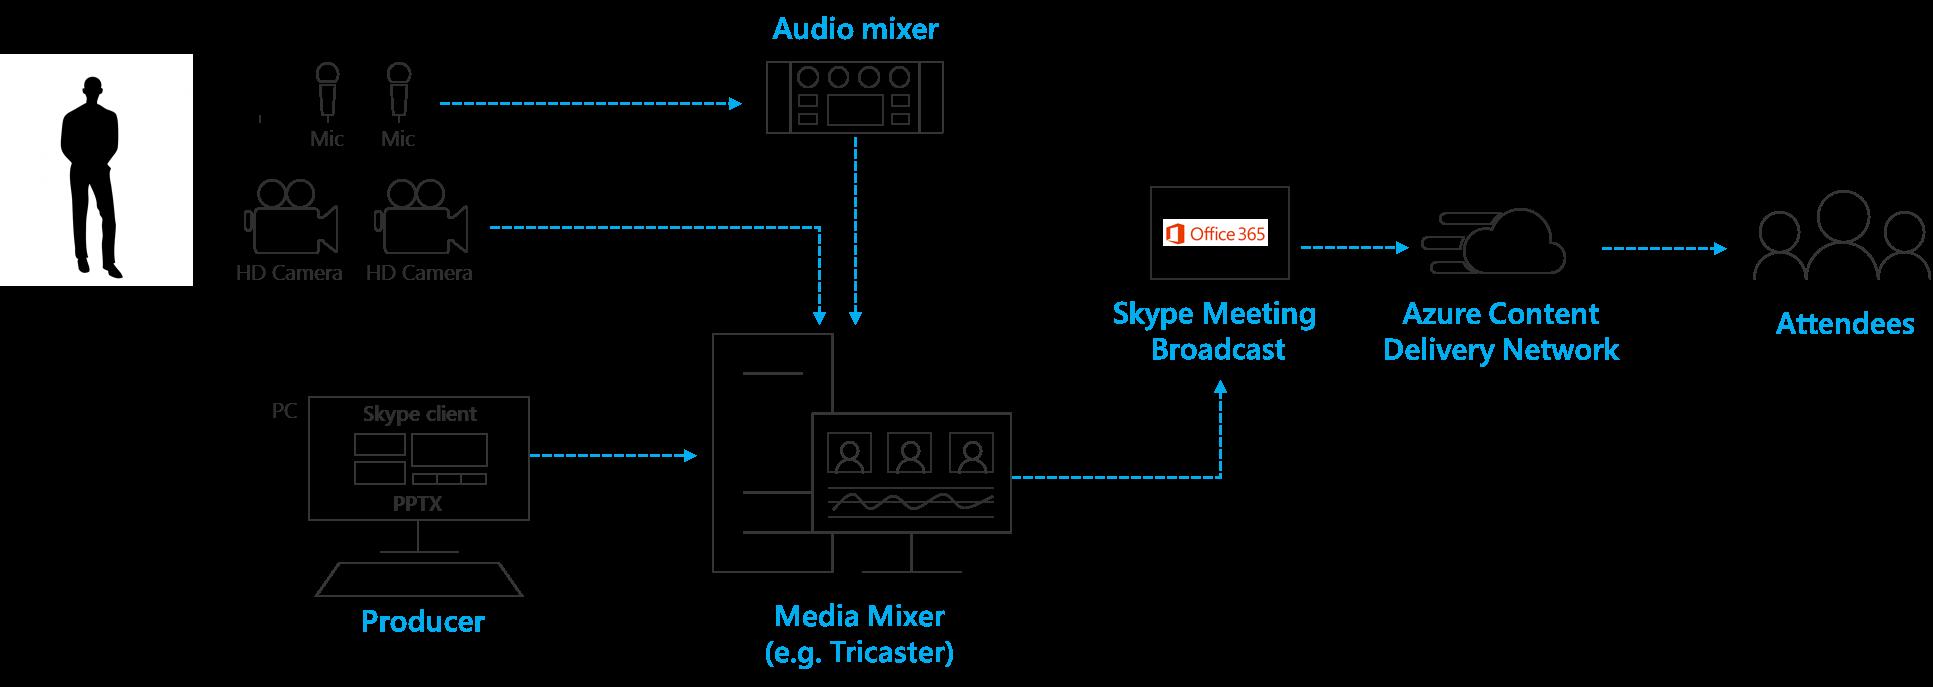 Váltás a hardver látás keverőben a több forrásból